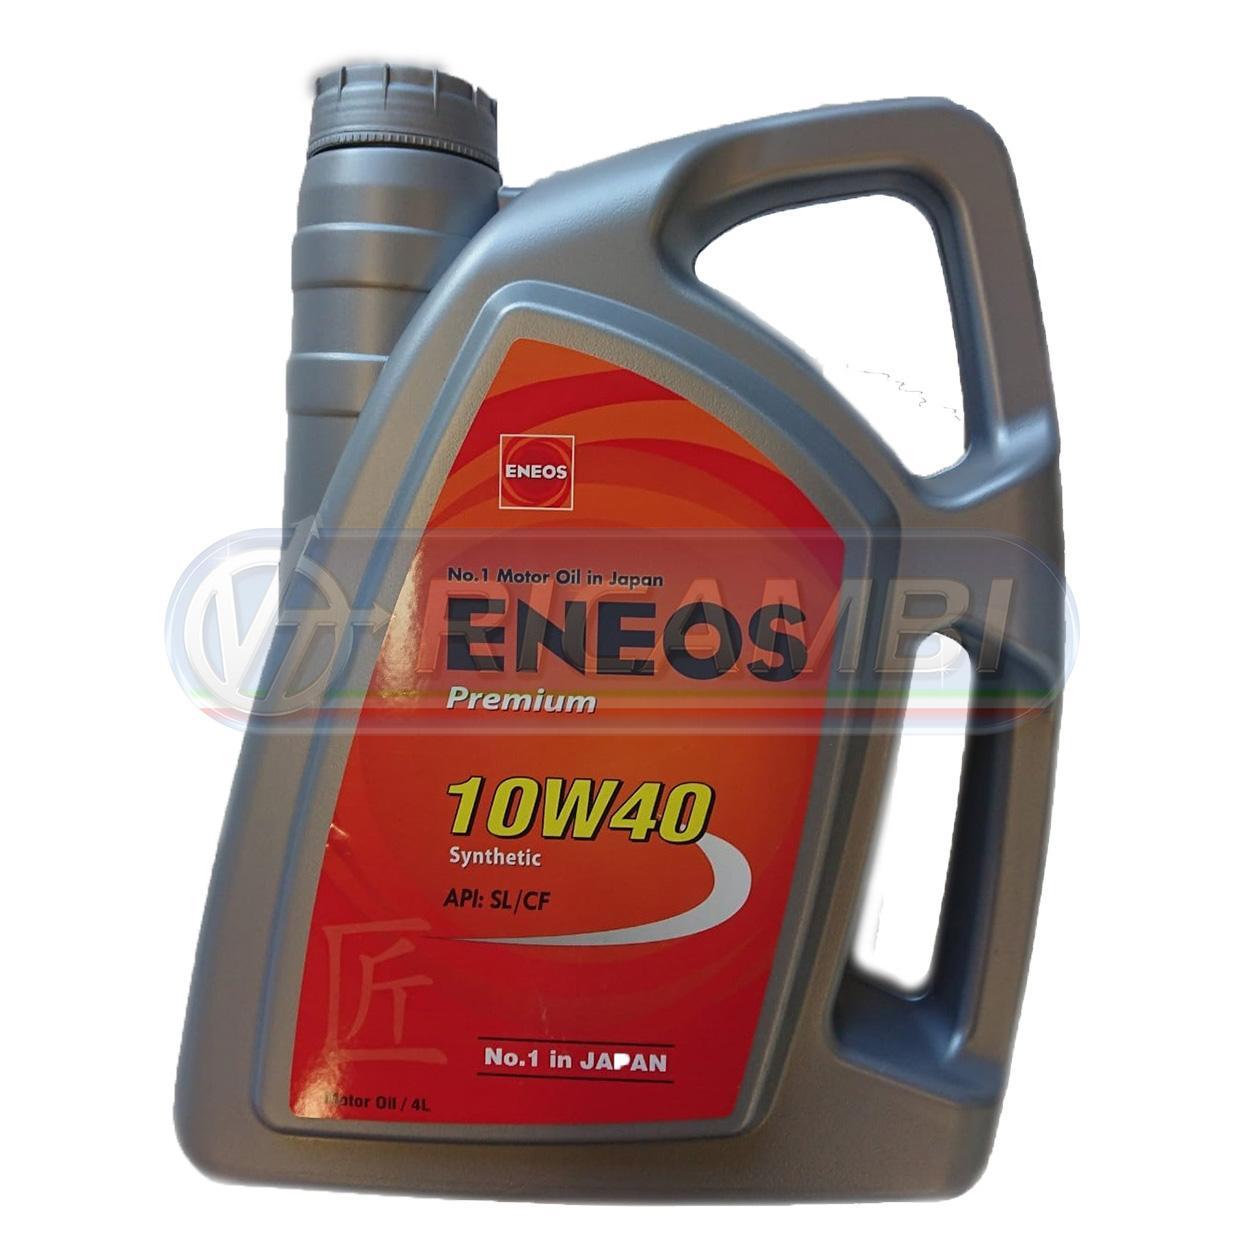 OLIO MOTORE ENEOS 10W40 PREMIUM 4 LT